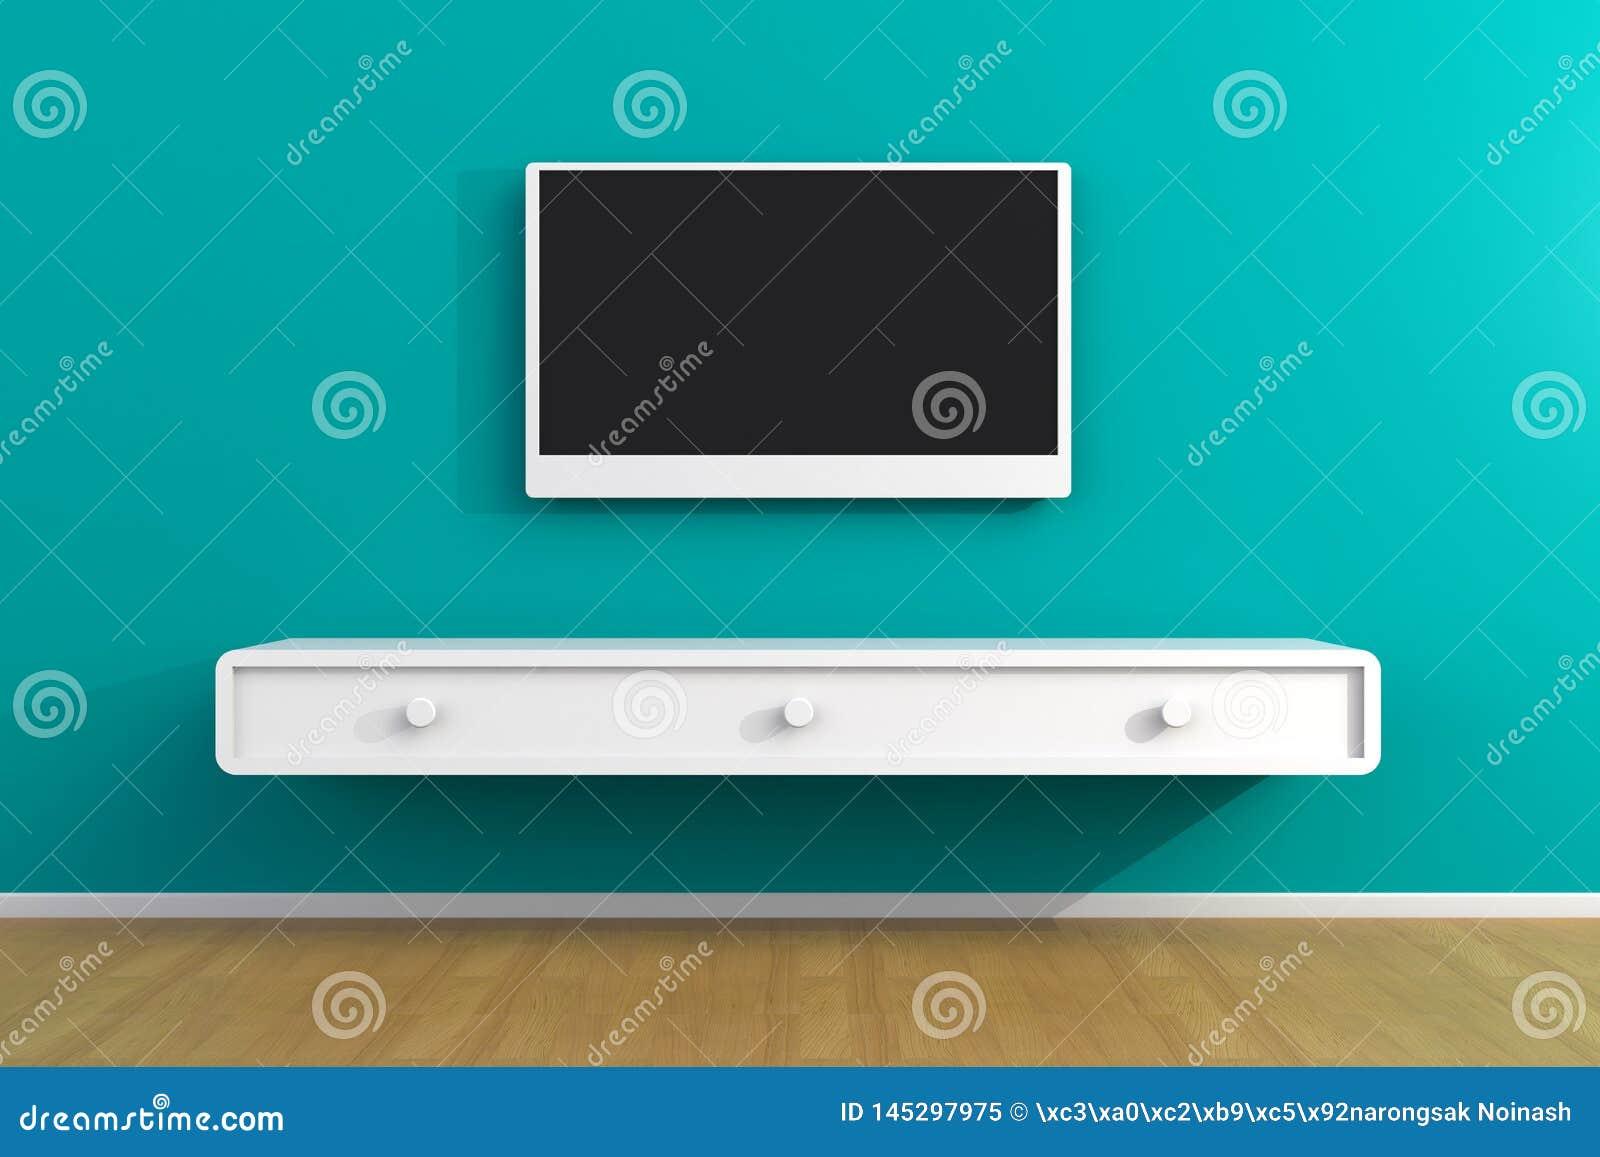 Innenraum des leeren Raumes mit Fernsehen, Wohnzimmer f?hrte Fernsehen auf blauer Wand mit moderner Dachbodenart des Holztischs